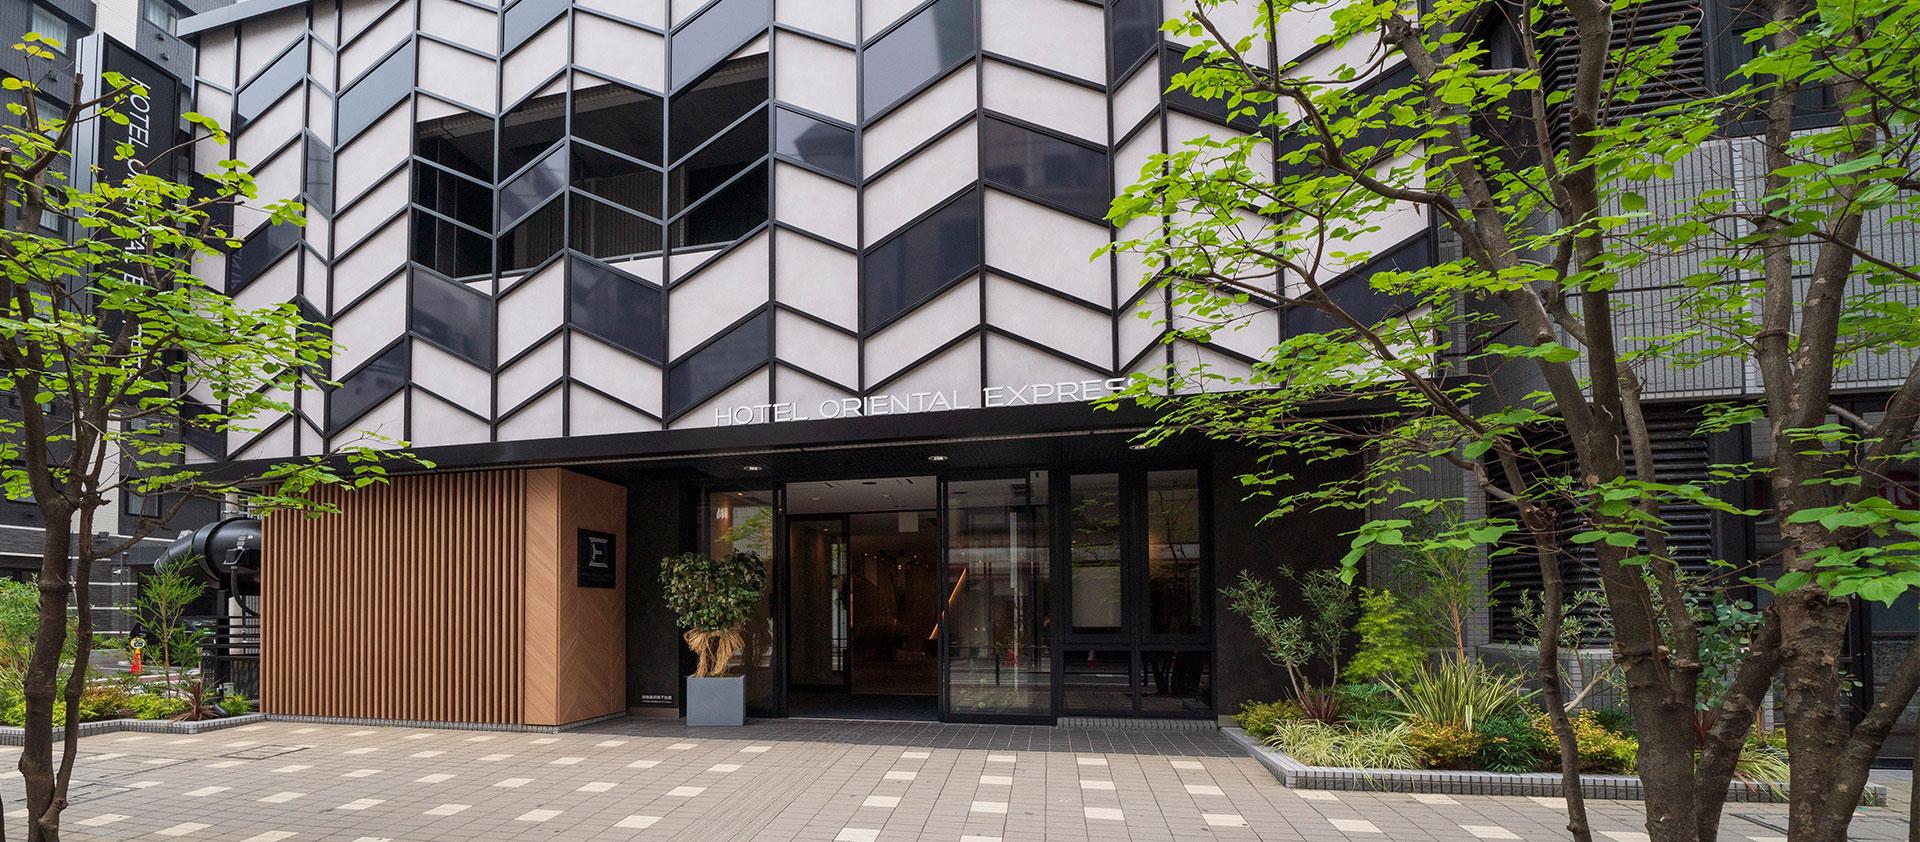 ホテル オリエンタル エクスプレス 福岡天神